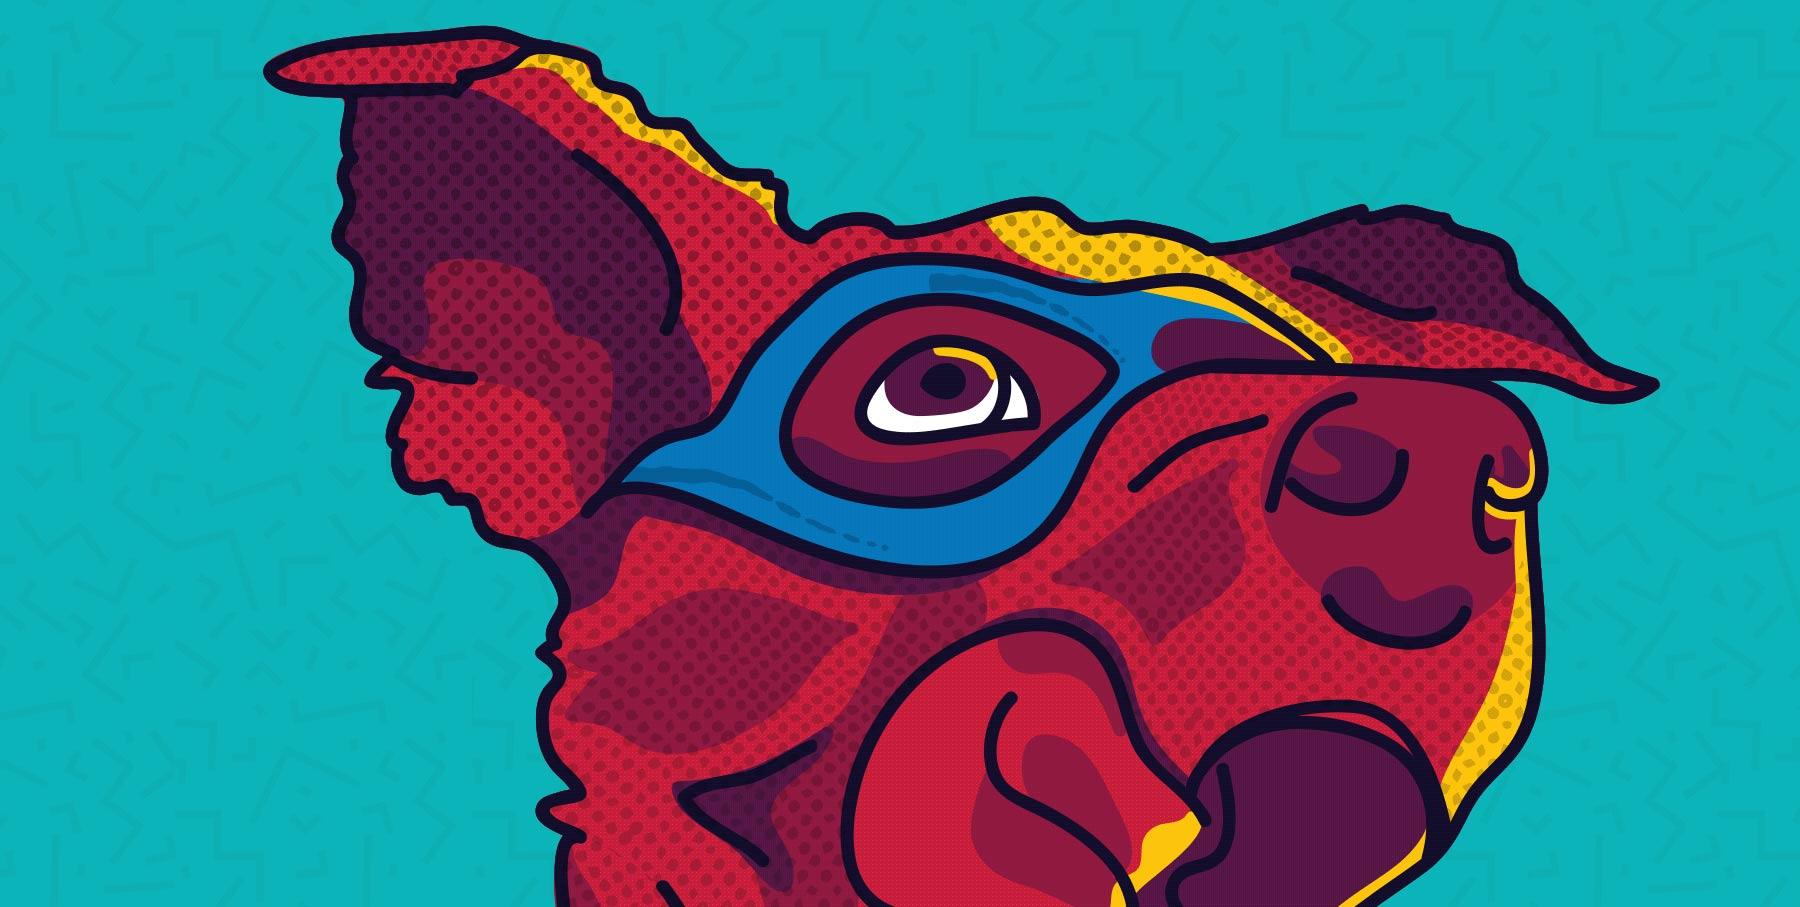 SuperQueero details 1.